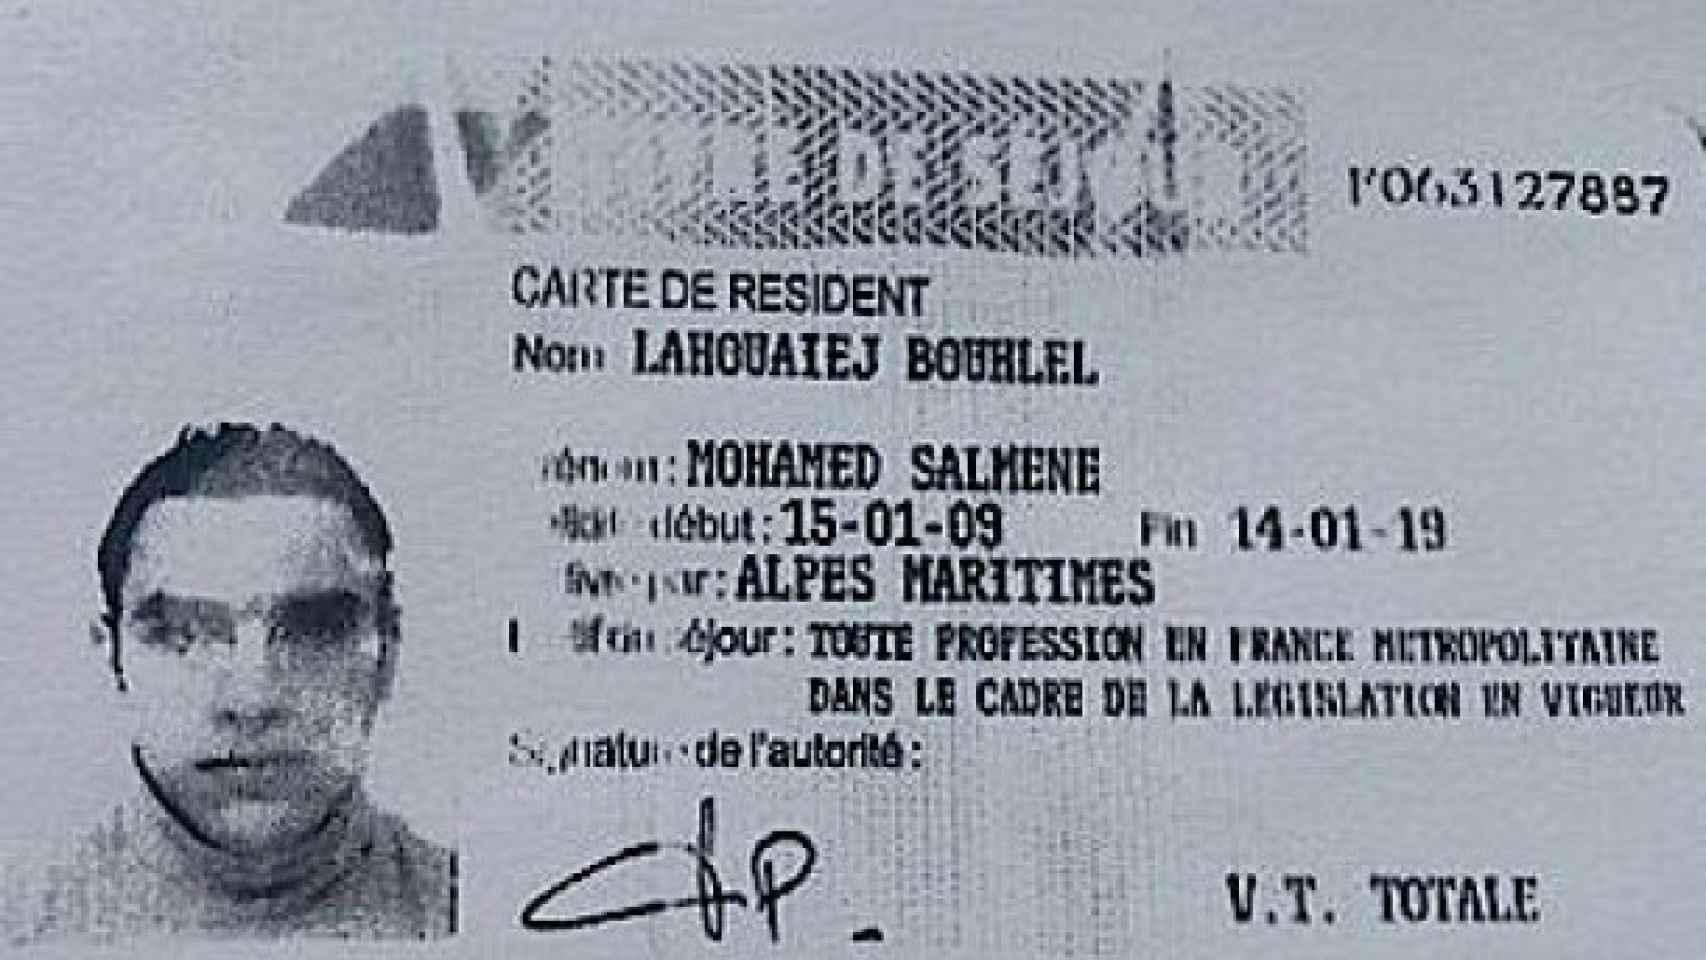 Carné de residente de Mohamed Lahouaiej Bouhlel, identificado como autor del atentado en Niza.